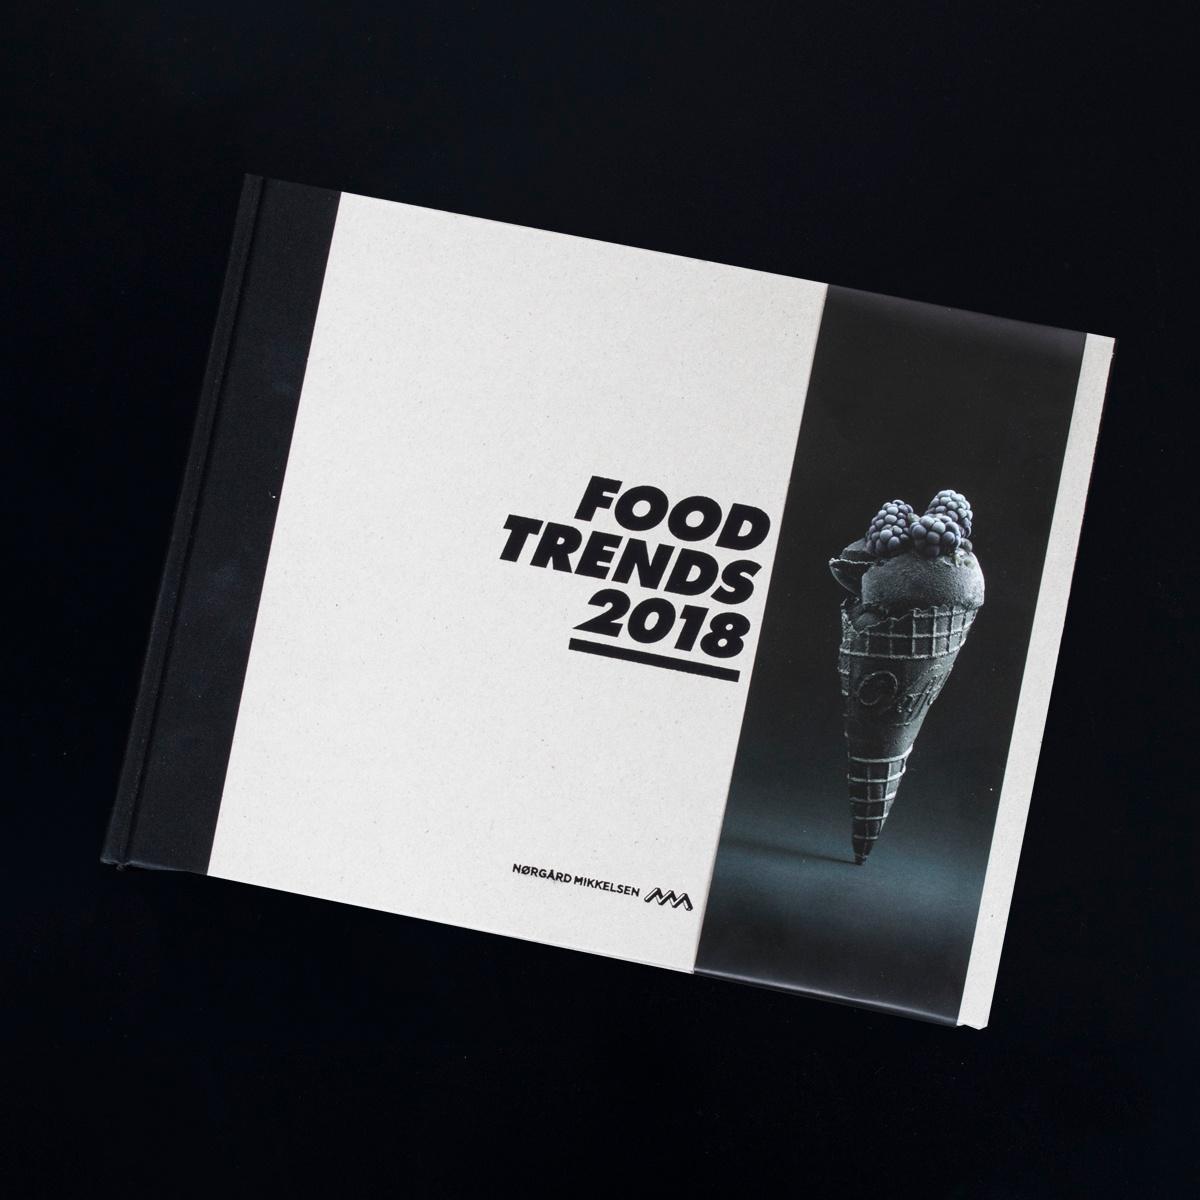 Køb Food Trends 2018